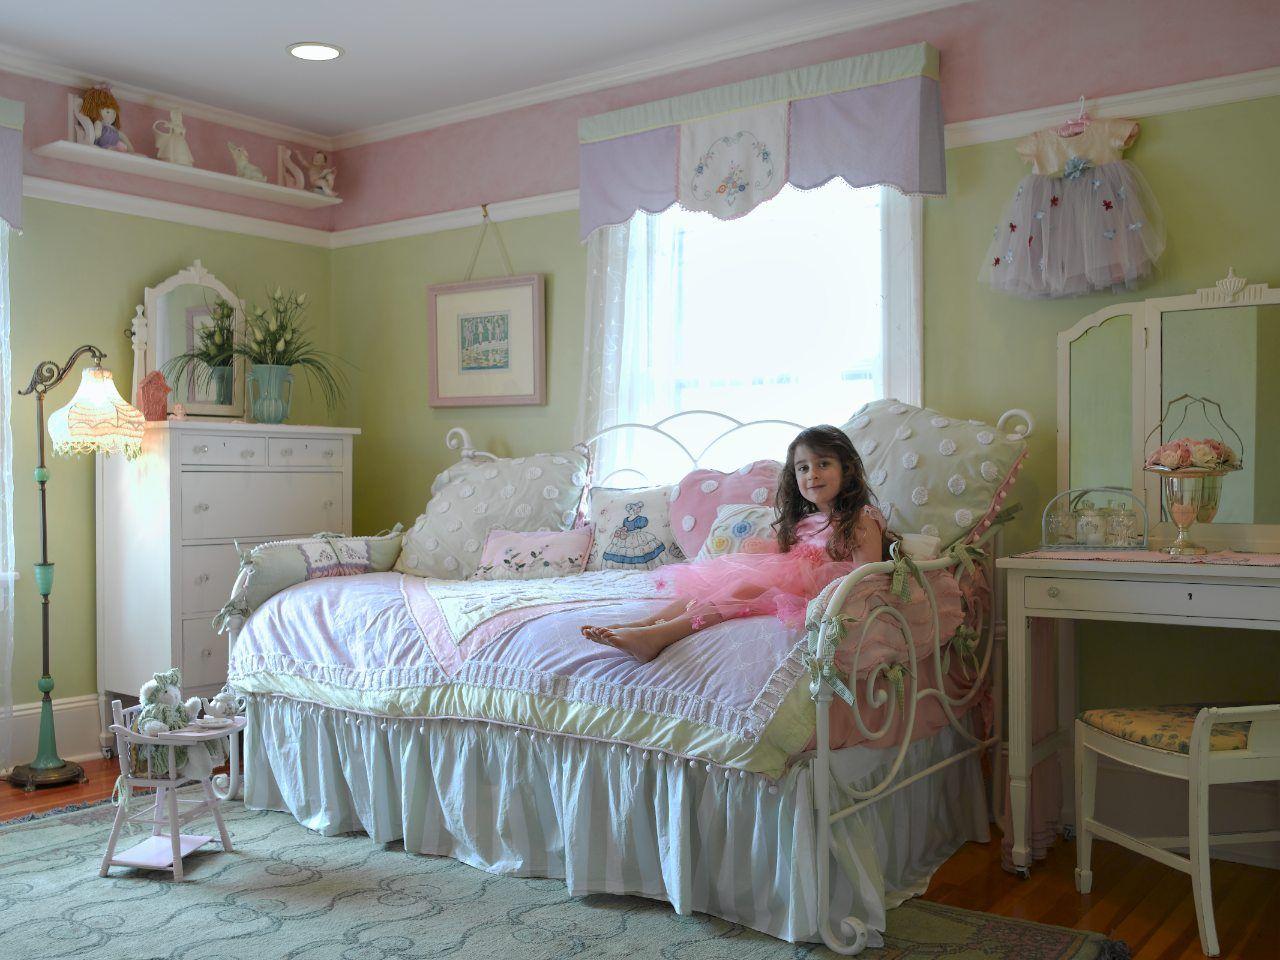 RoomReveal - Shabby Chic Girl\u0027s Room by Carisa Mahnken | DIY ...